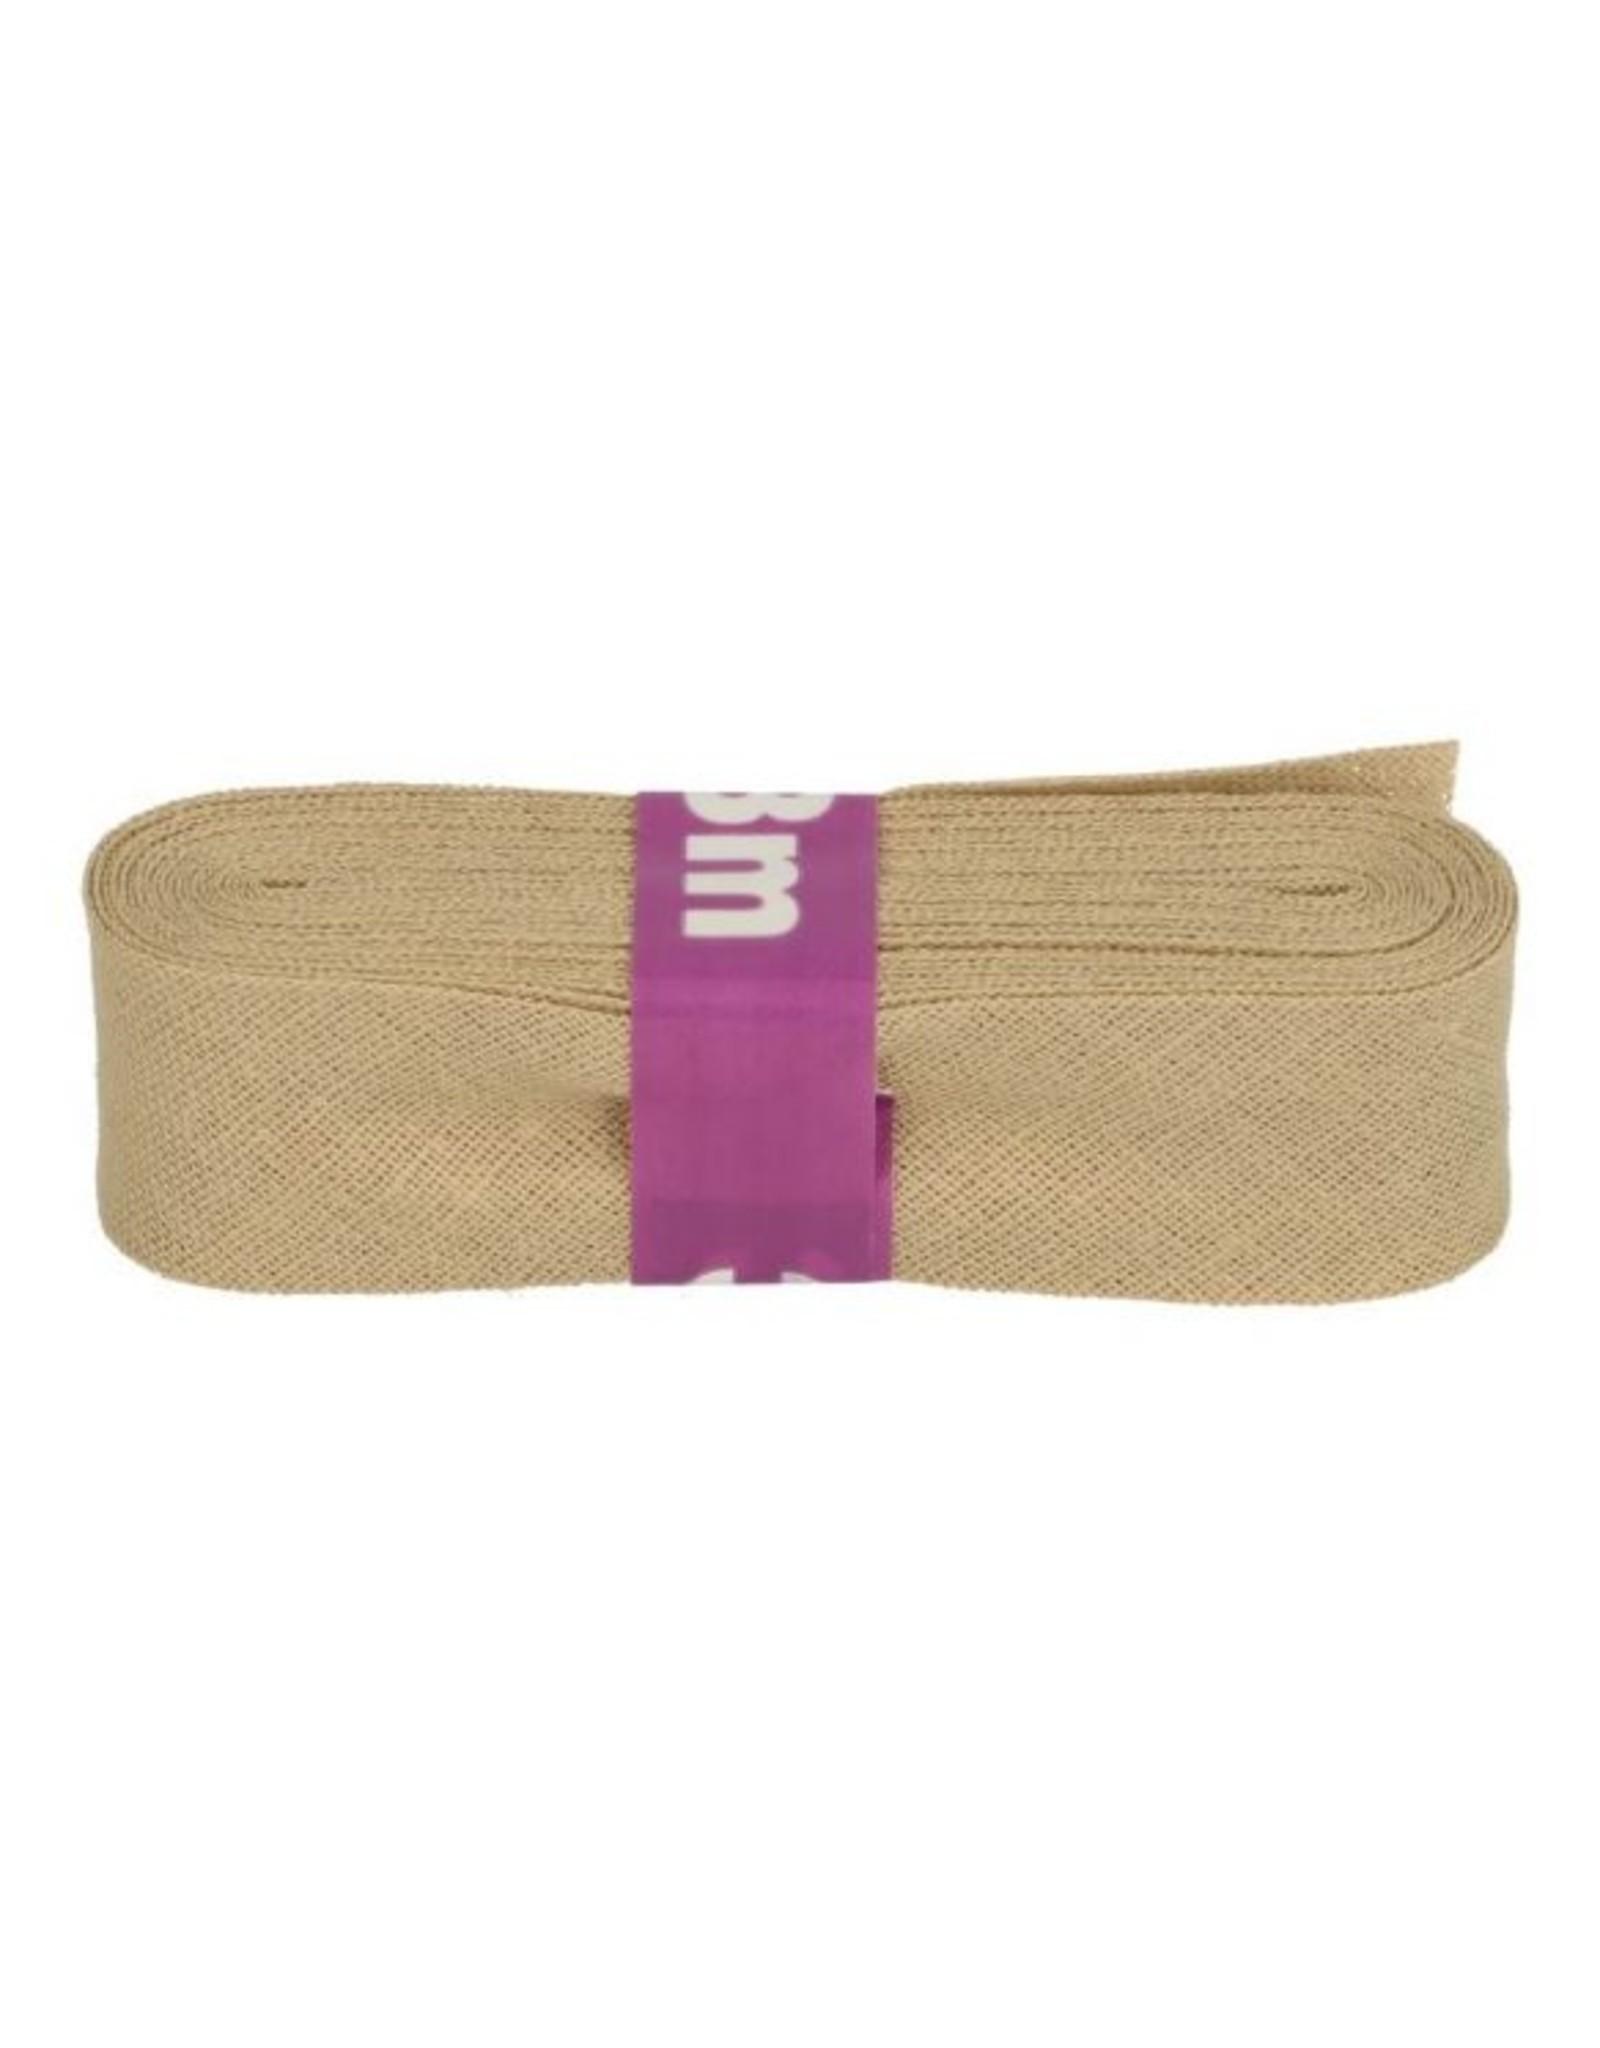 3m Schrägband aus Baumwolle 12mm Sand